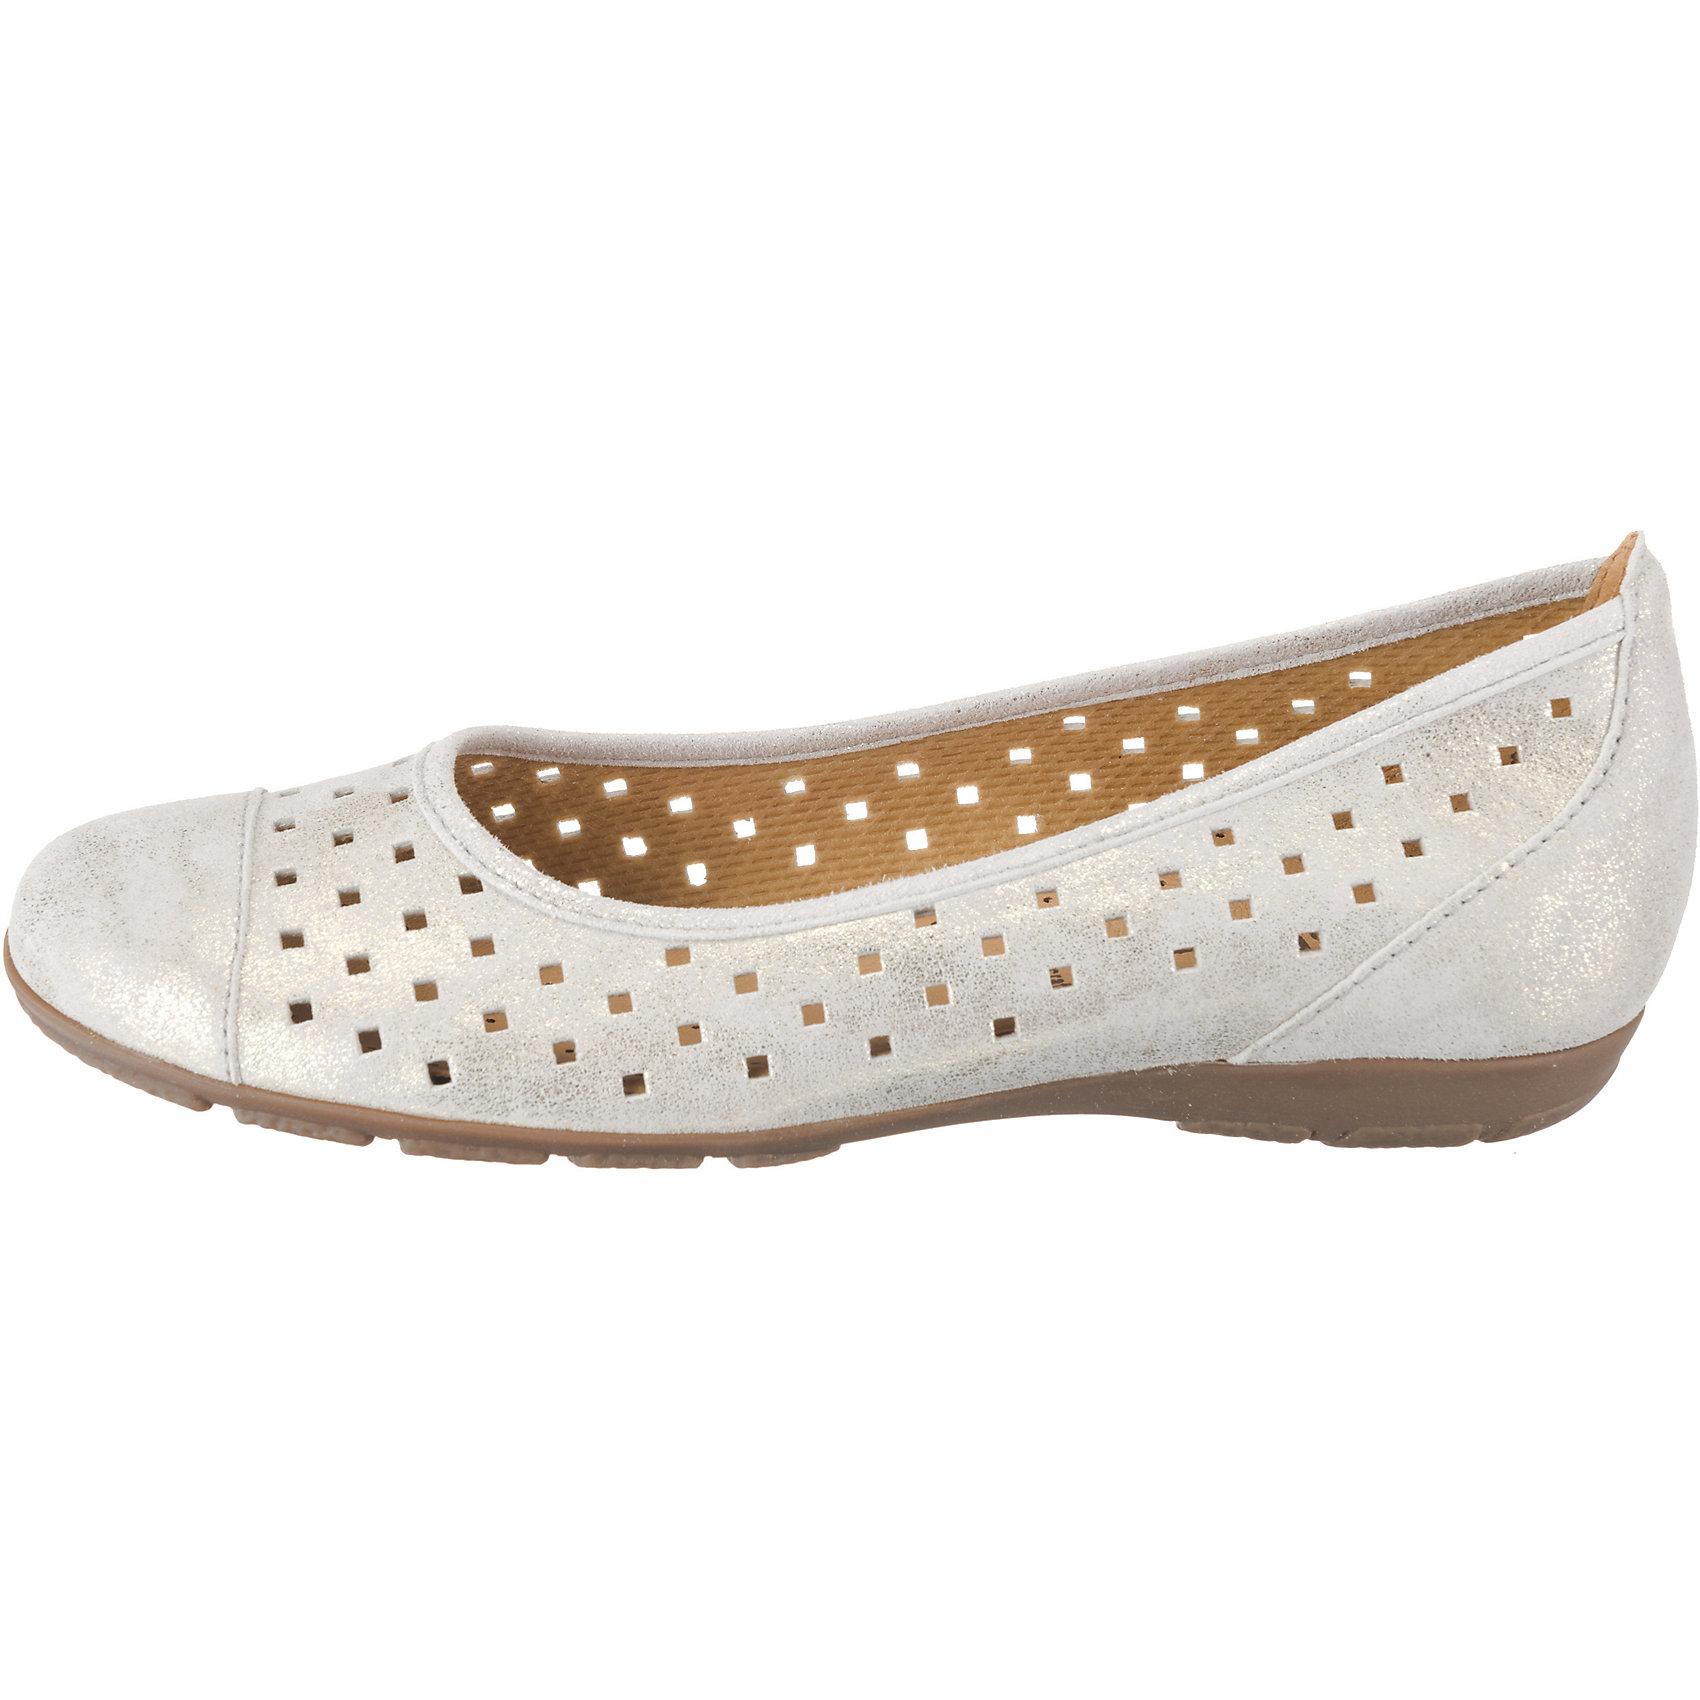 Neu Gabor Klassische Damen Ballerinas 8438887 für Damen Klassische weiß 184cab